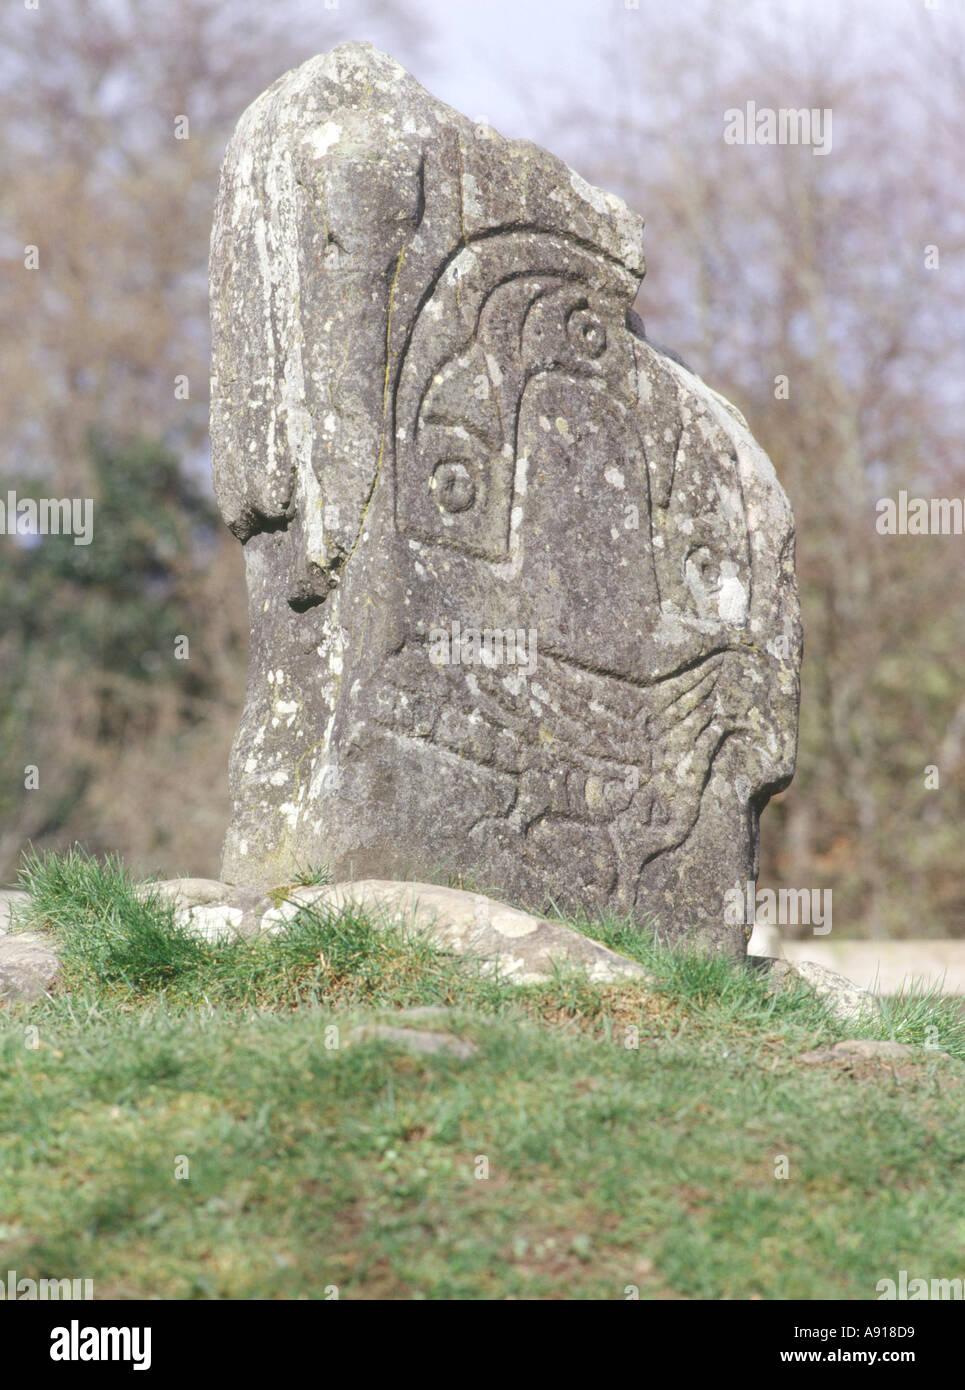 dh Eagle Stone scotland STRATHPEFFER ROSS CROMARTY Celtic Pitti arte pictish intagliato pict in piedi pietre simbolo di scultura Foto Stock